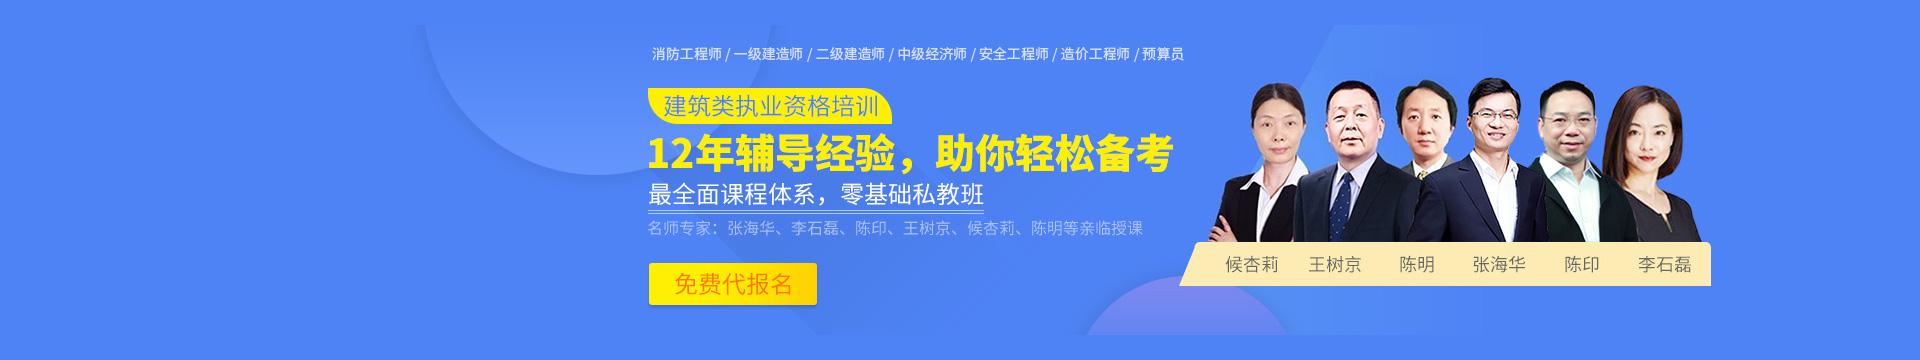 深圳培训学校